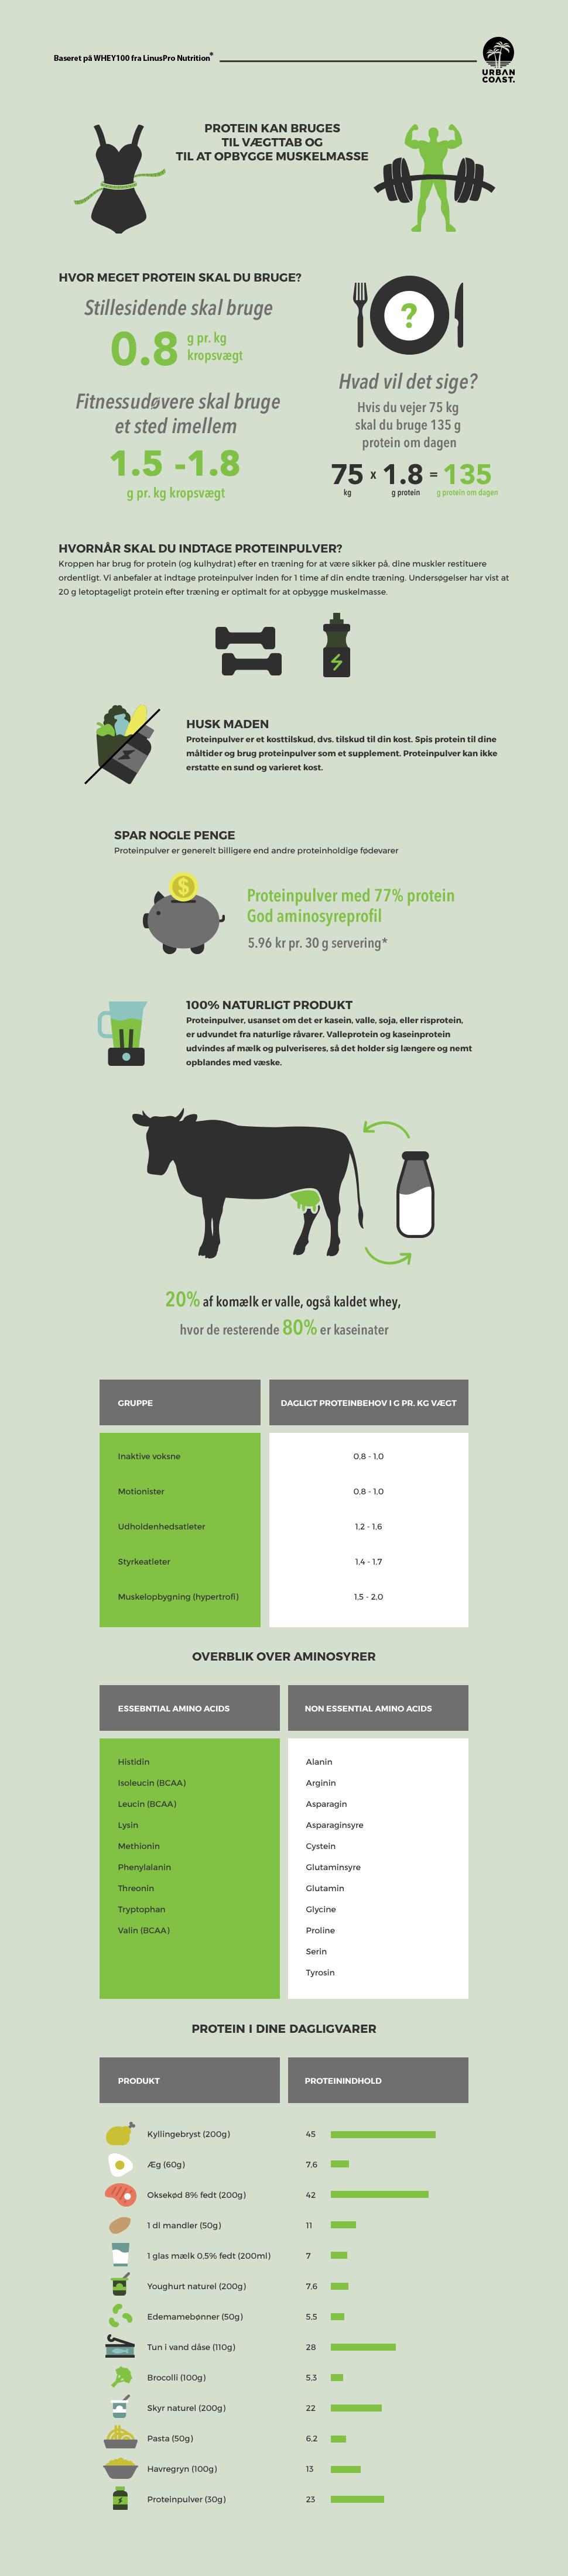 Proteinpulver Infografik UrbanCoast.dk